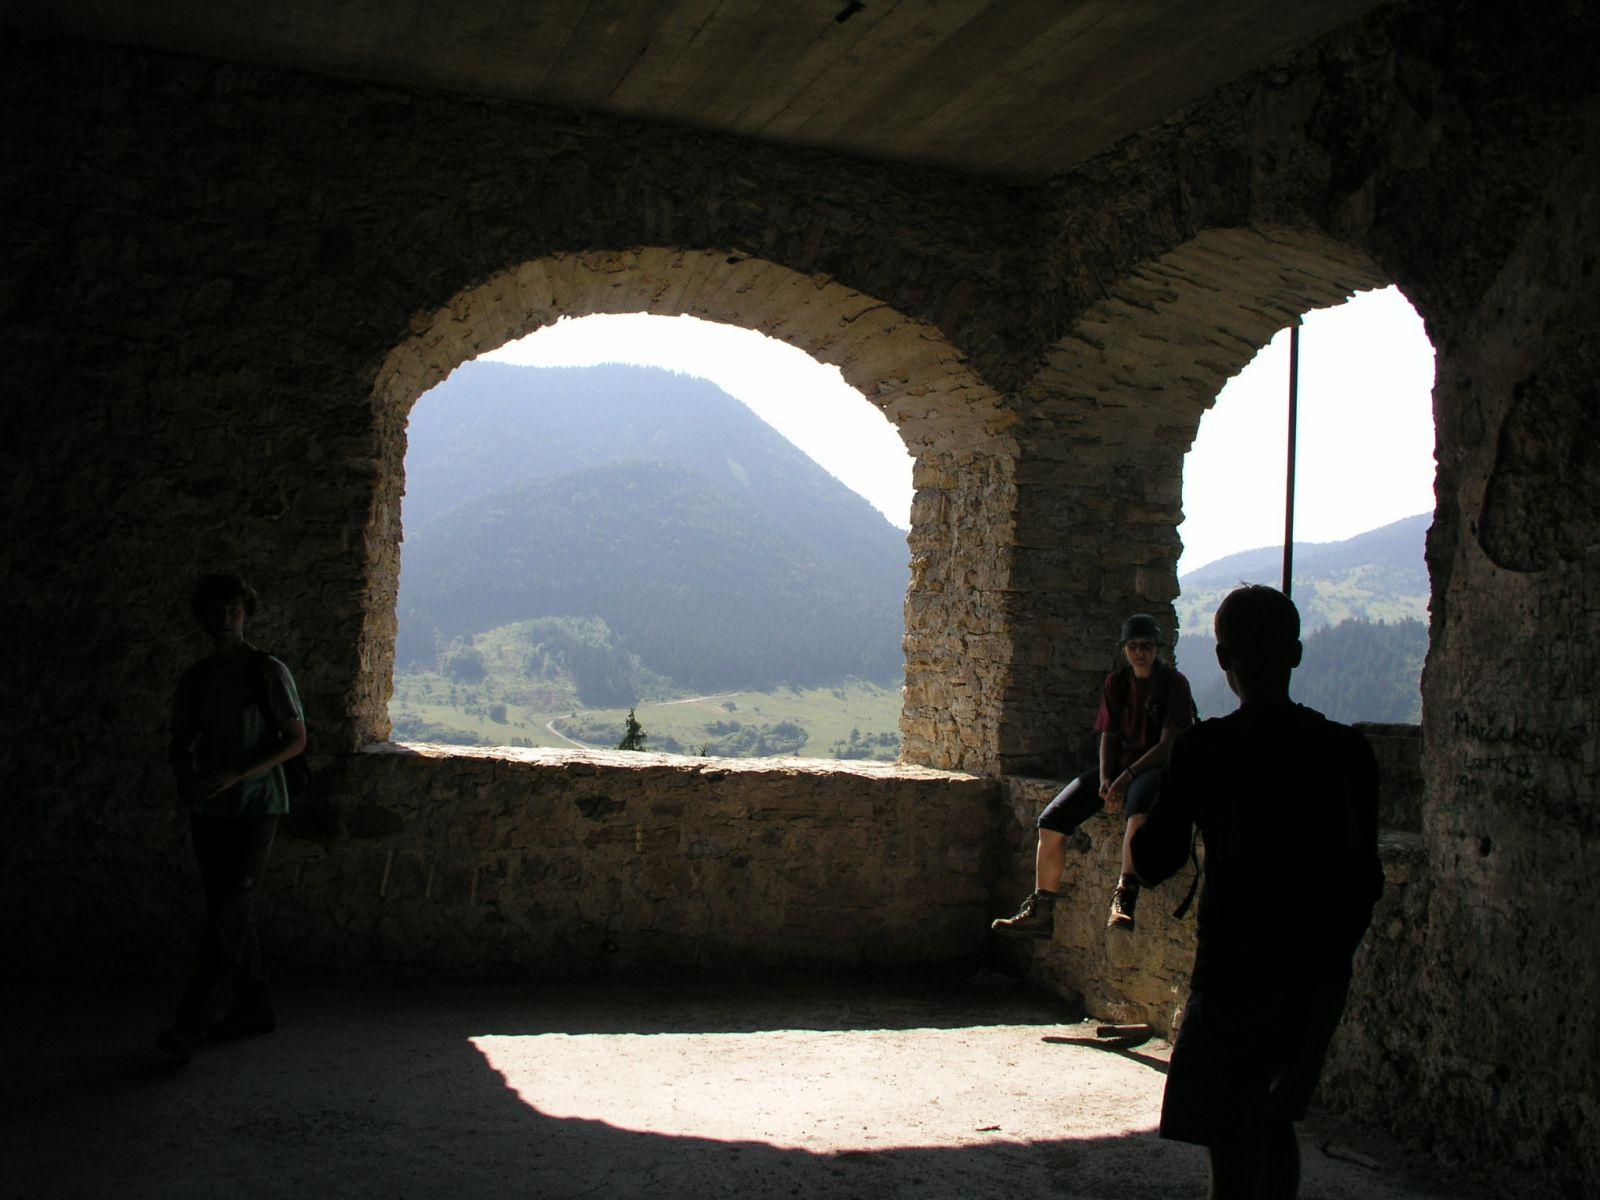 04 08 04 15.43.04 Hrad Likava   třetí patro komnat horního hradu S okny